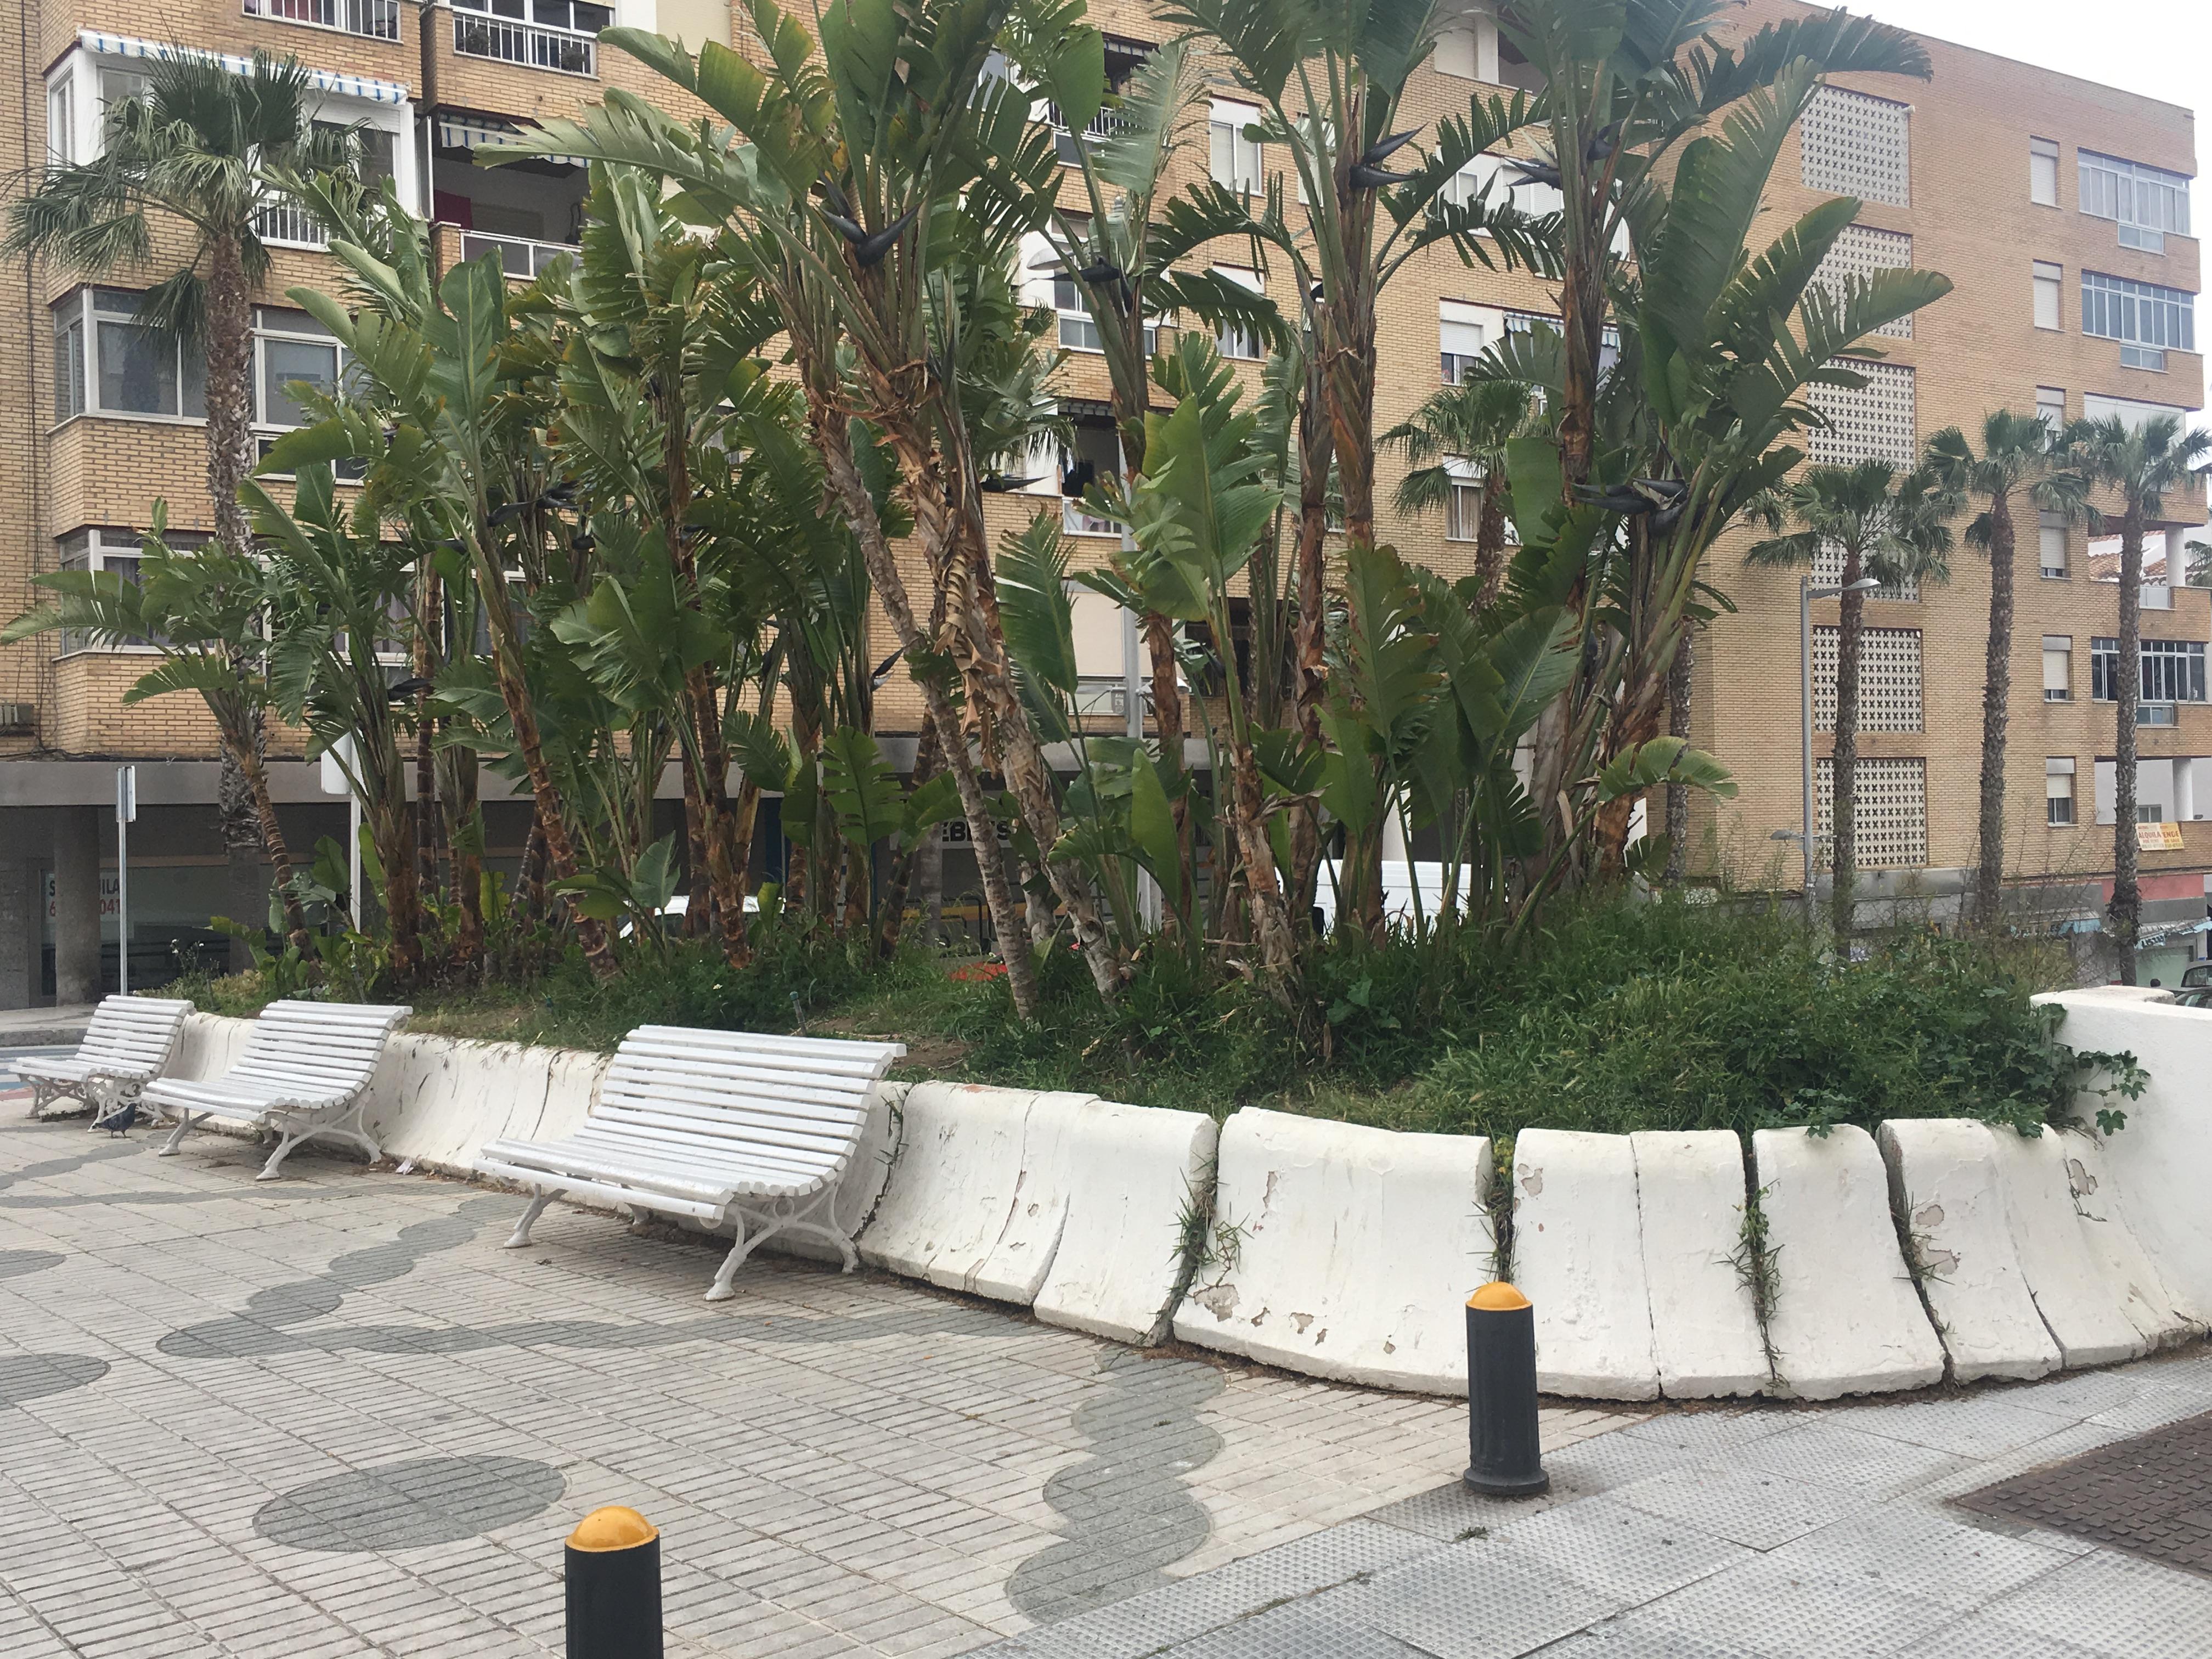 UNA DE LAS ZONAS DETERIORADAS QUE DENUNCIAN LOS SOCIALISTAS (Foto: El Faro)